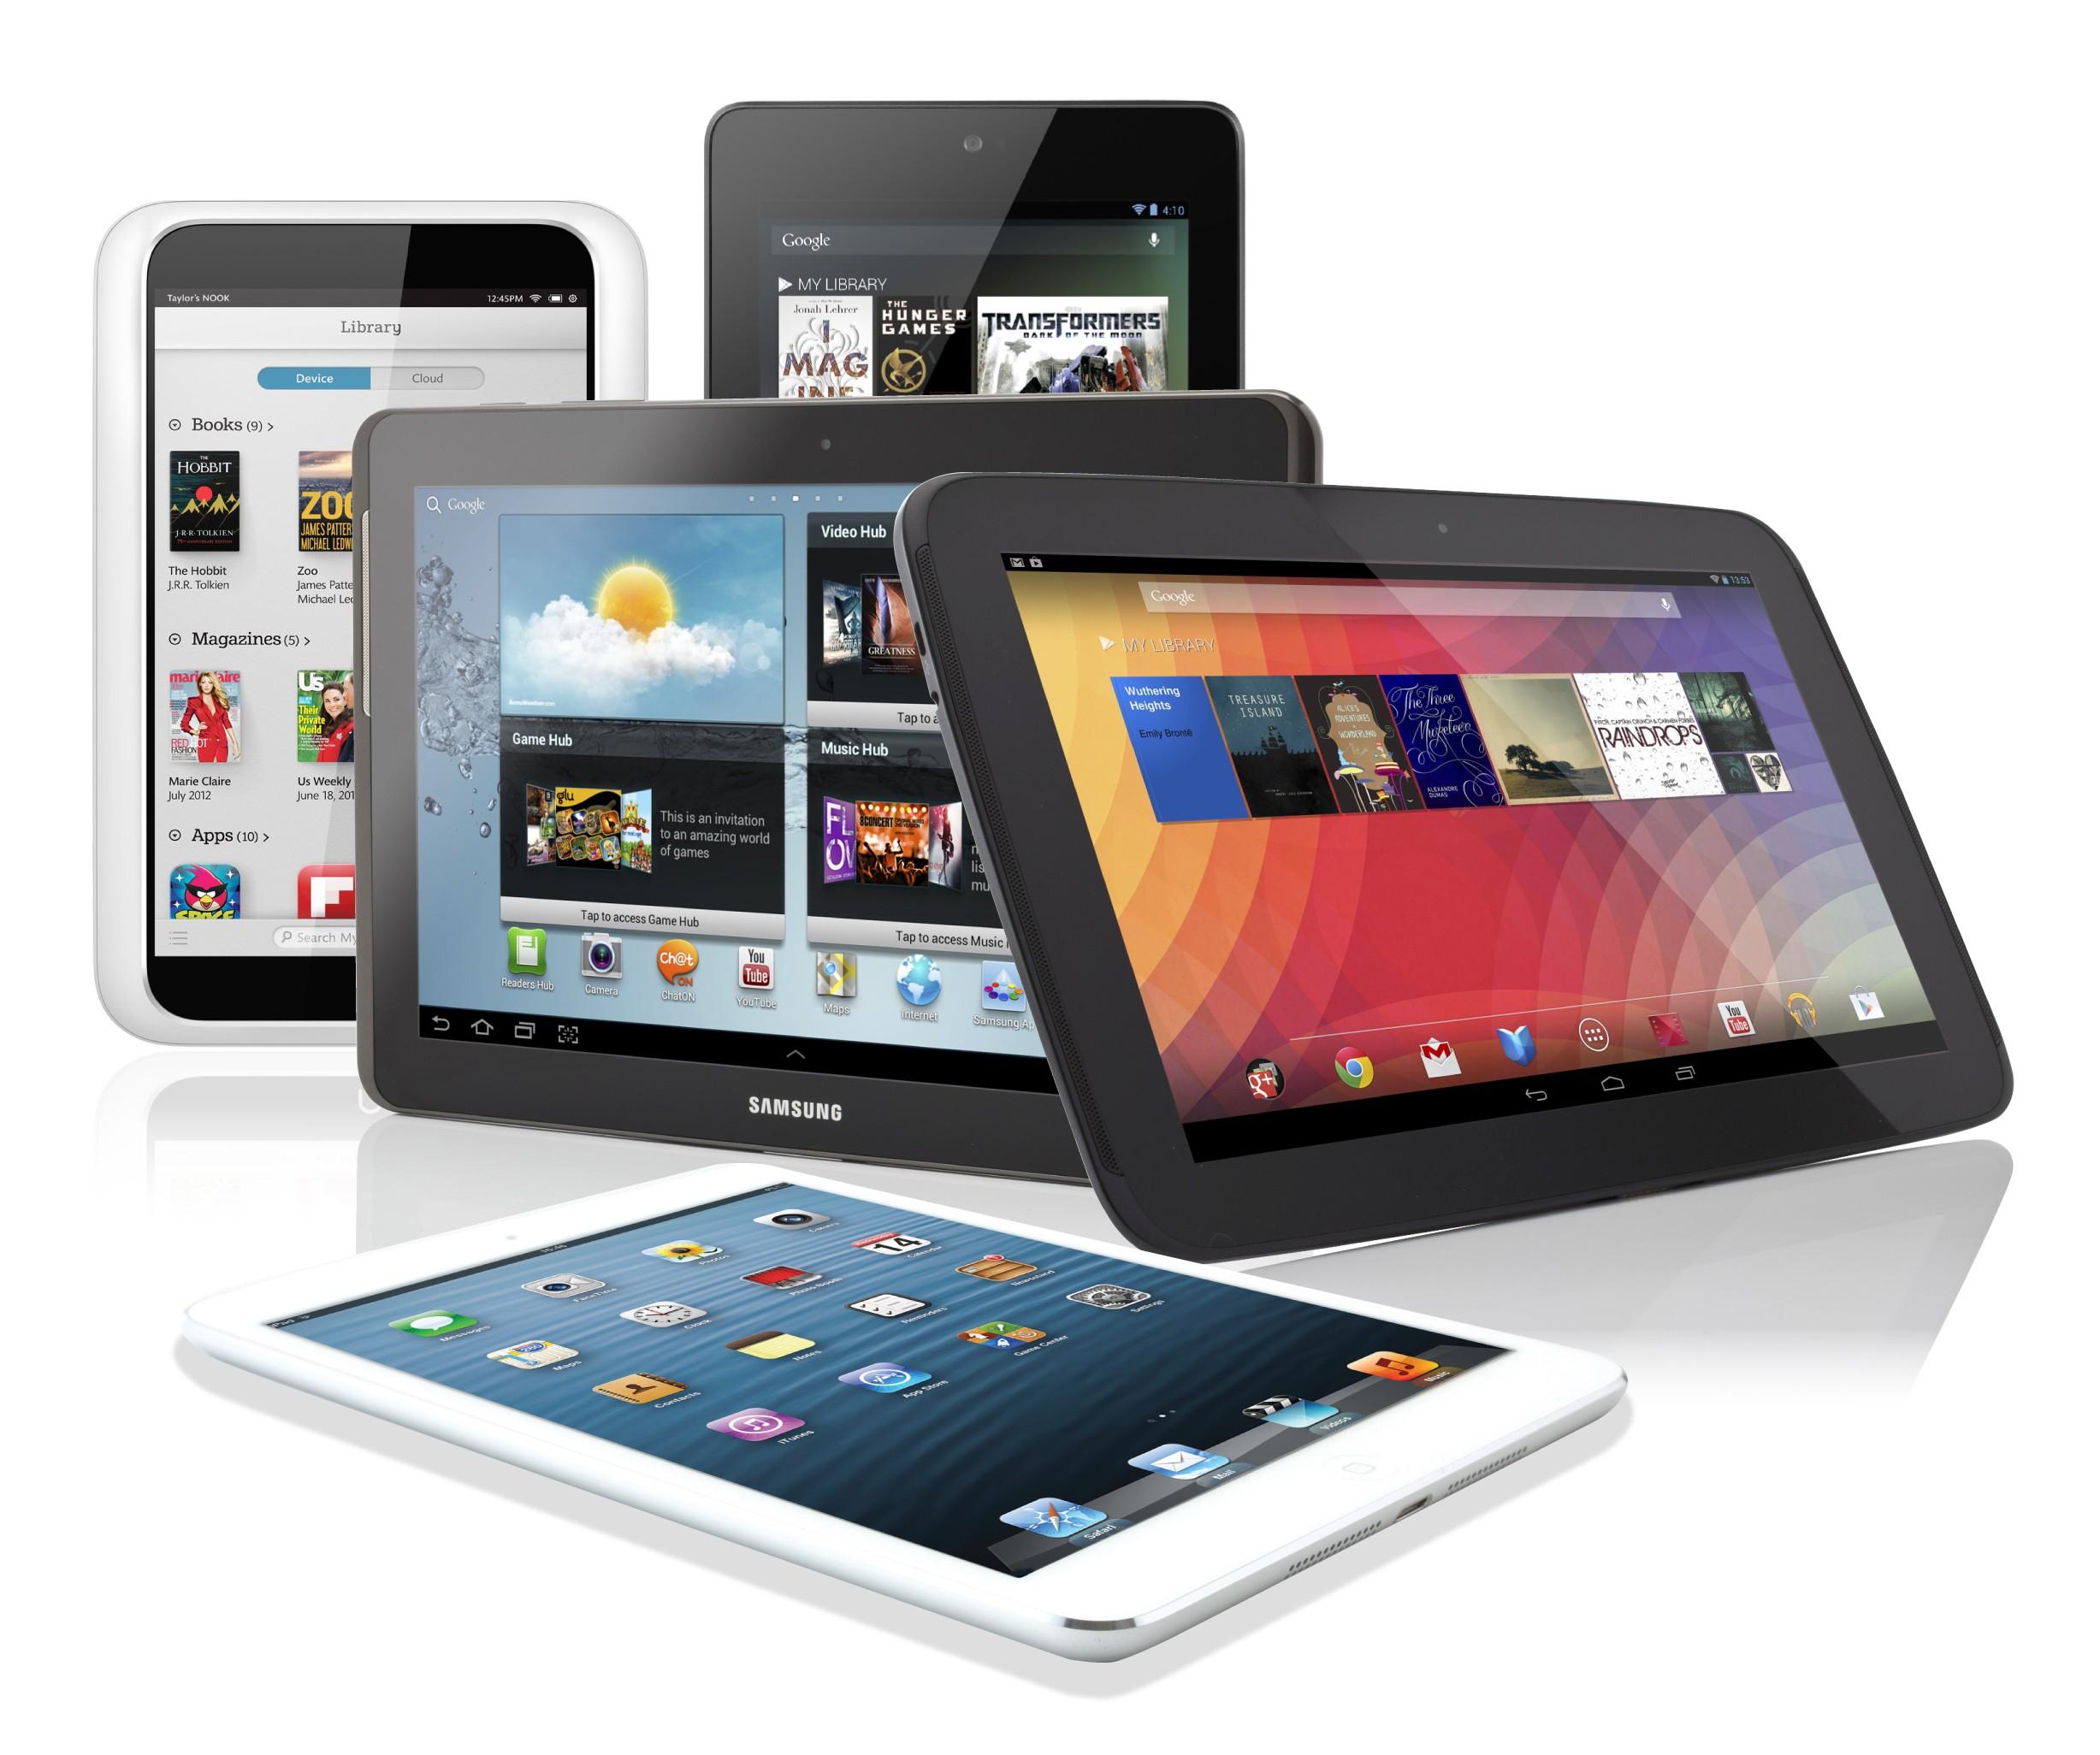 «Ξόφλησε» τόσο γρήγορα η παγκόσμια αγορά των tablet;